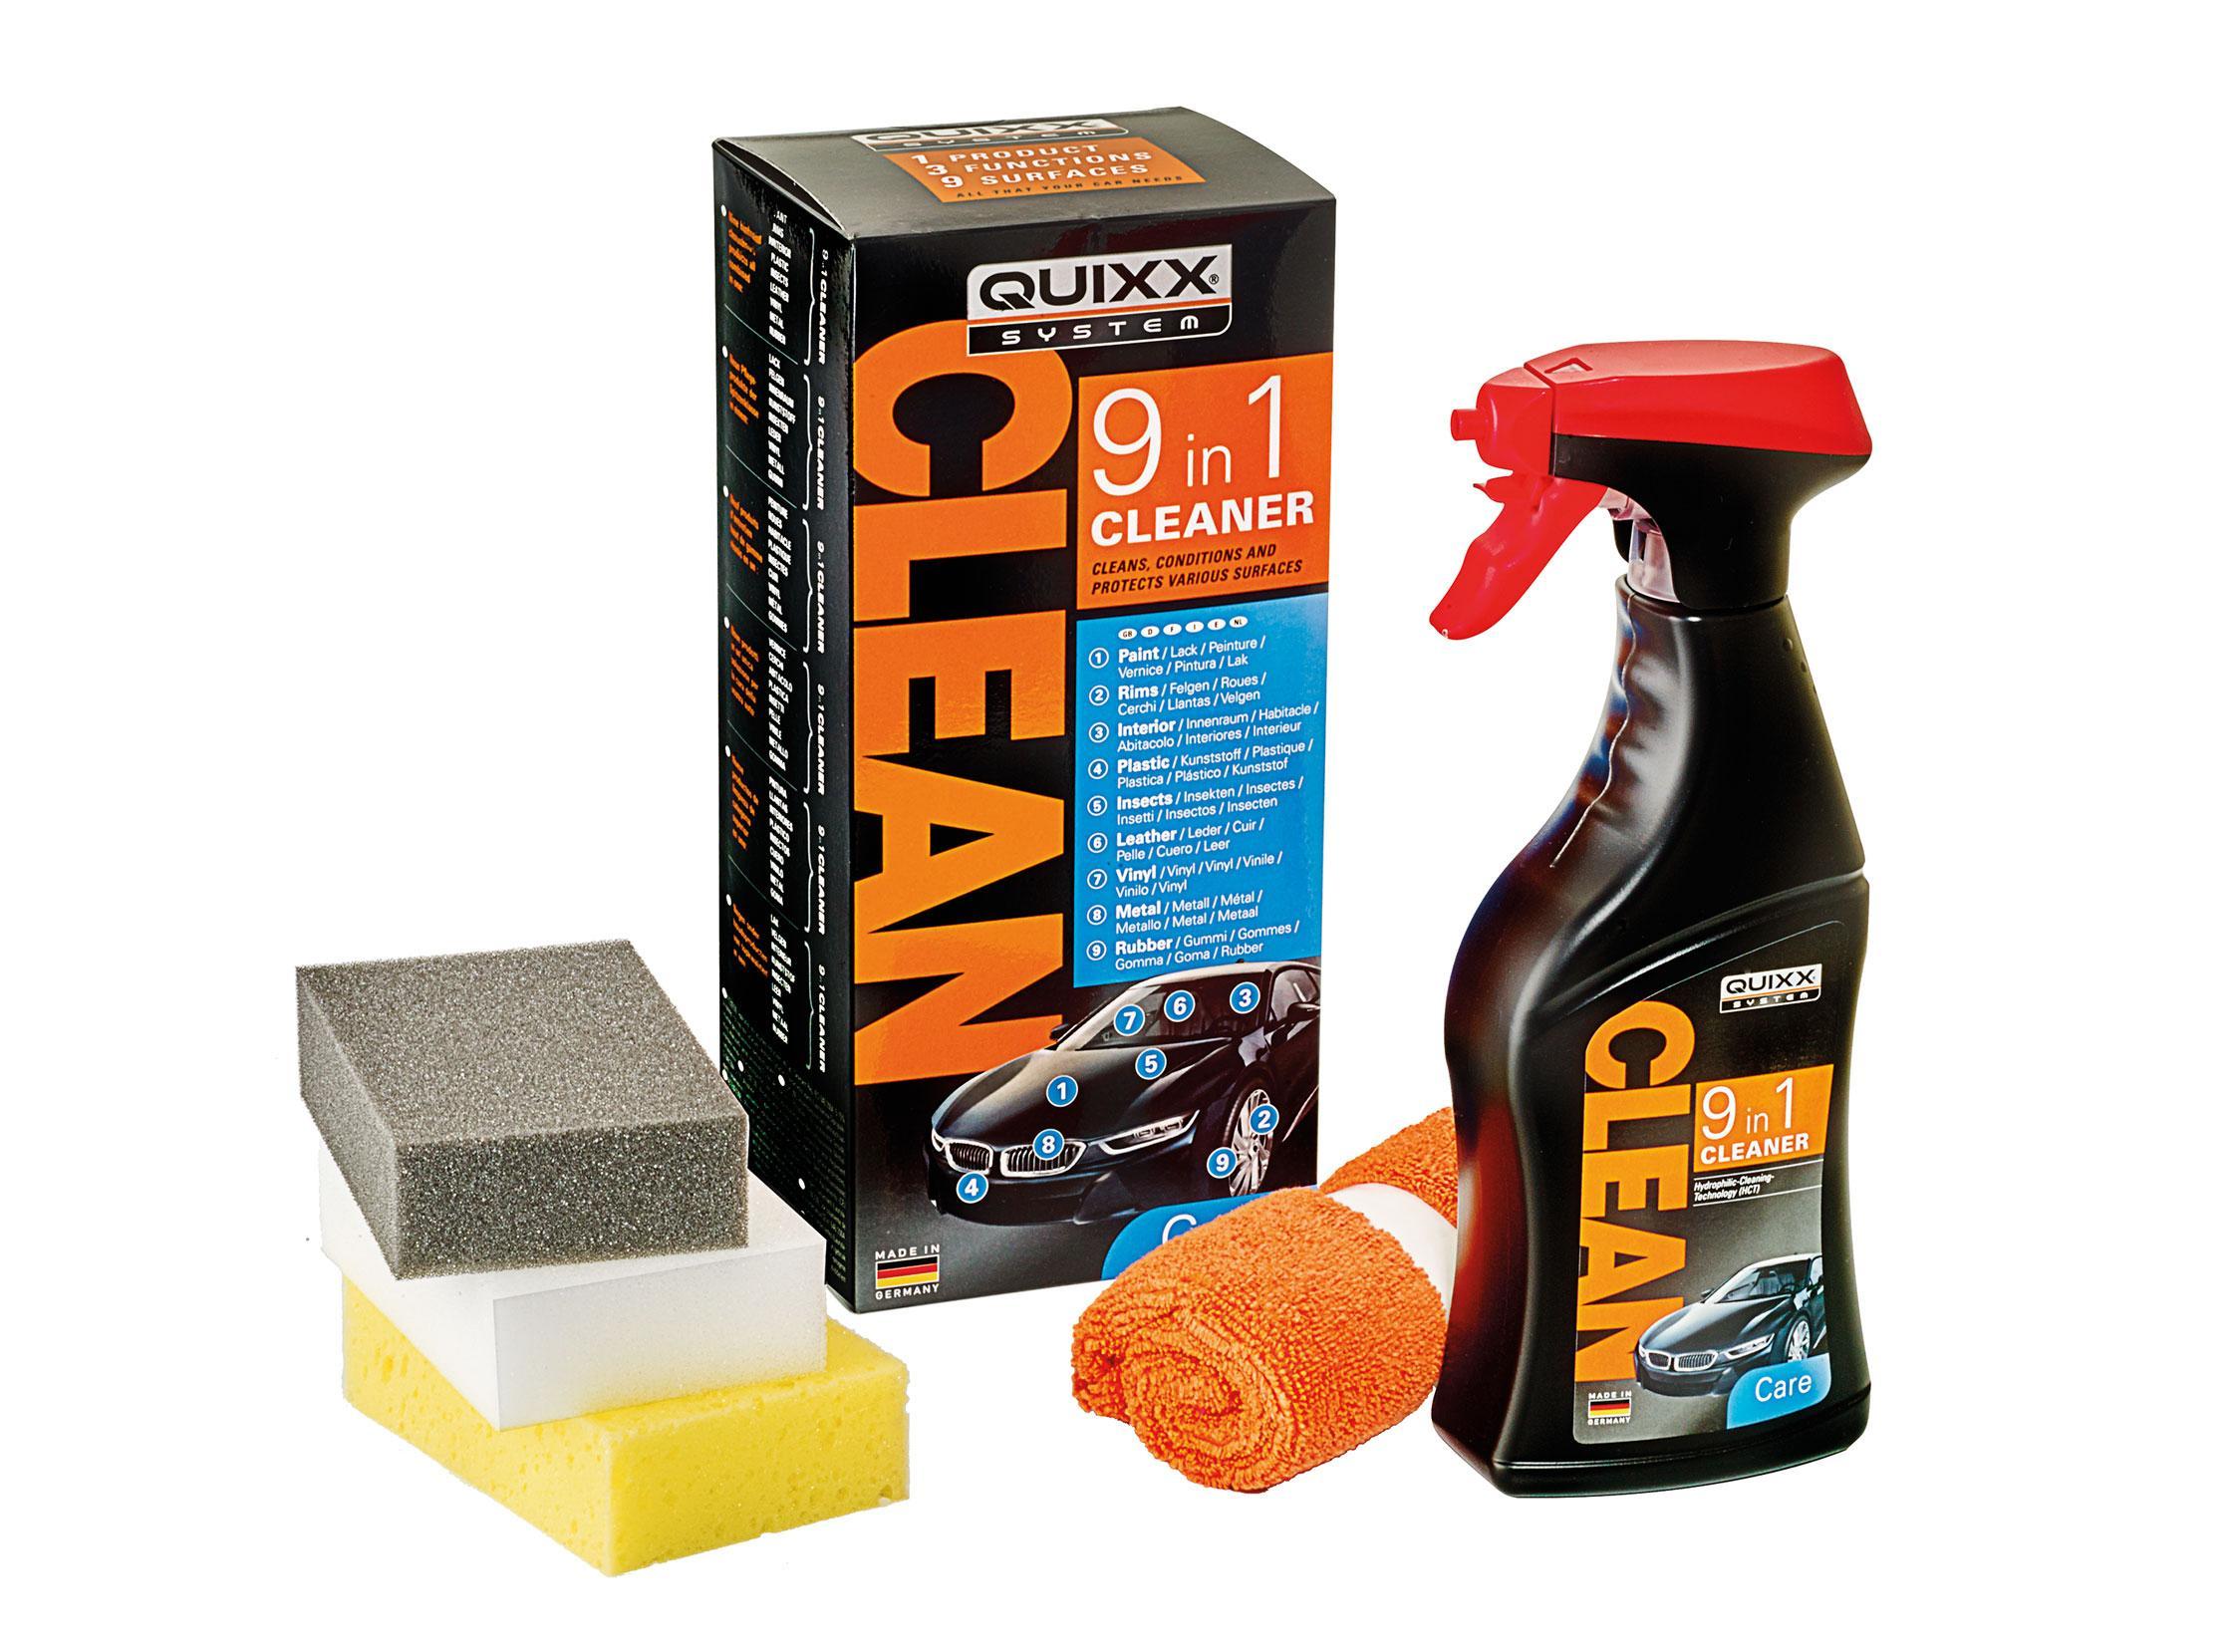 renovation et preparation adnauto kit 9 en 1 cleaner 275528. Black Bedroom Furniture Sets. Home Design Ideas